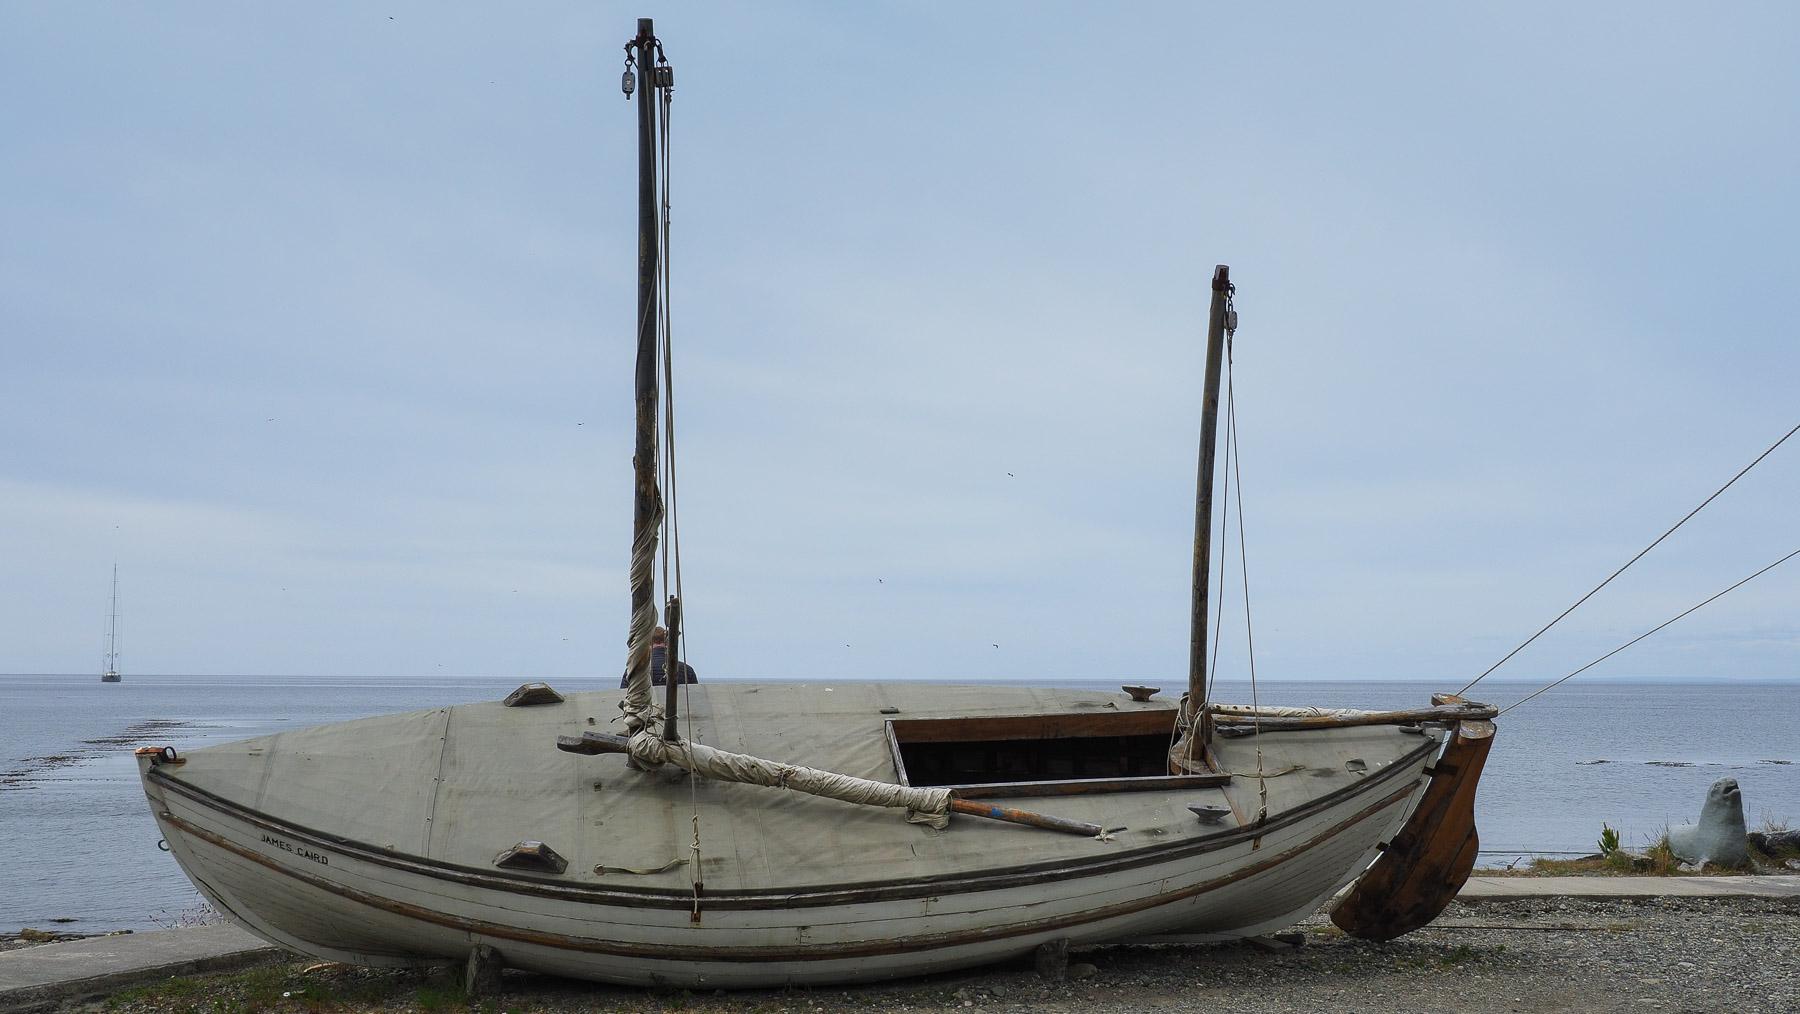 Die James Caird, im wahrsten Sinne ein Rettungsboot